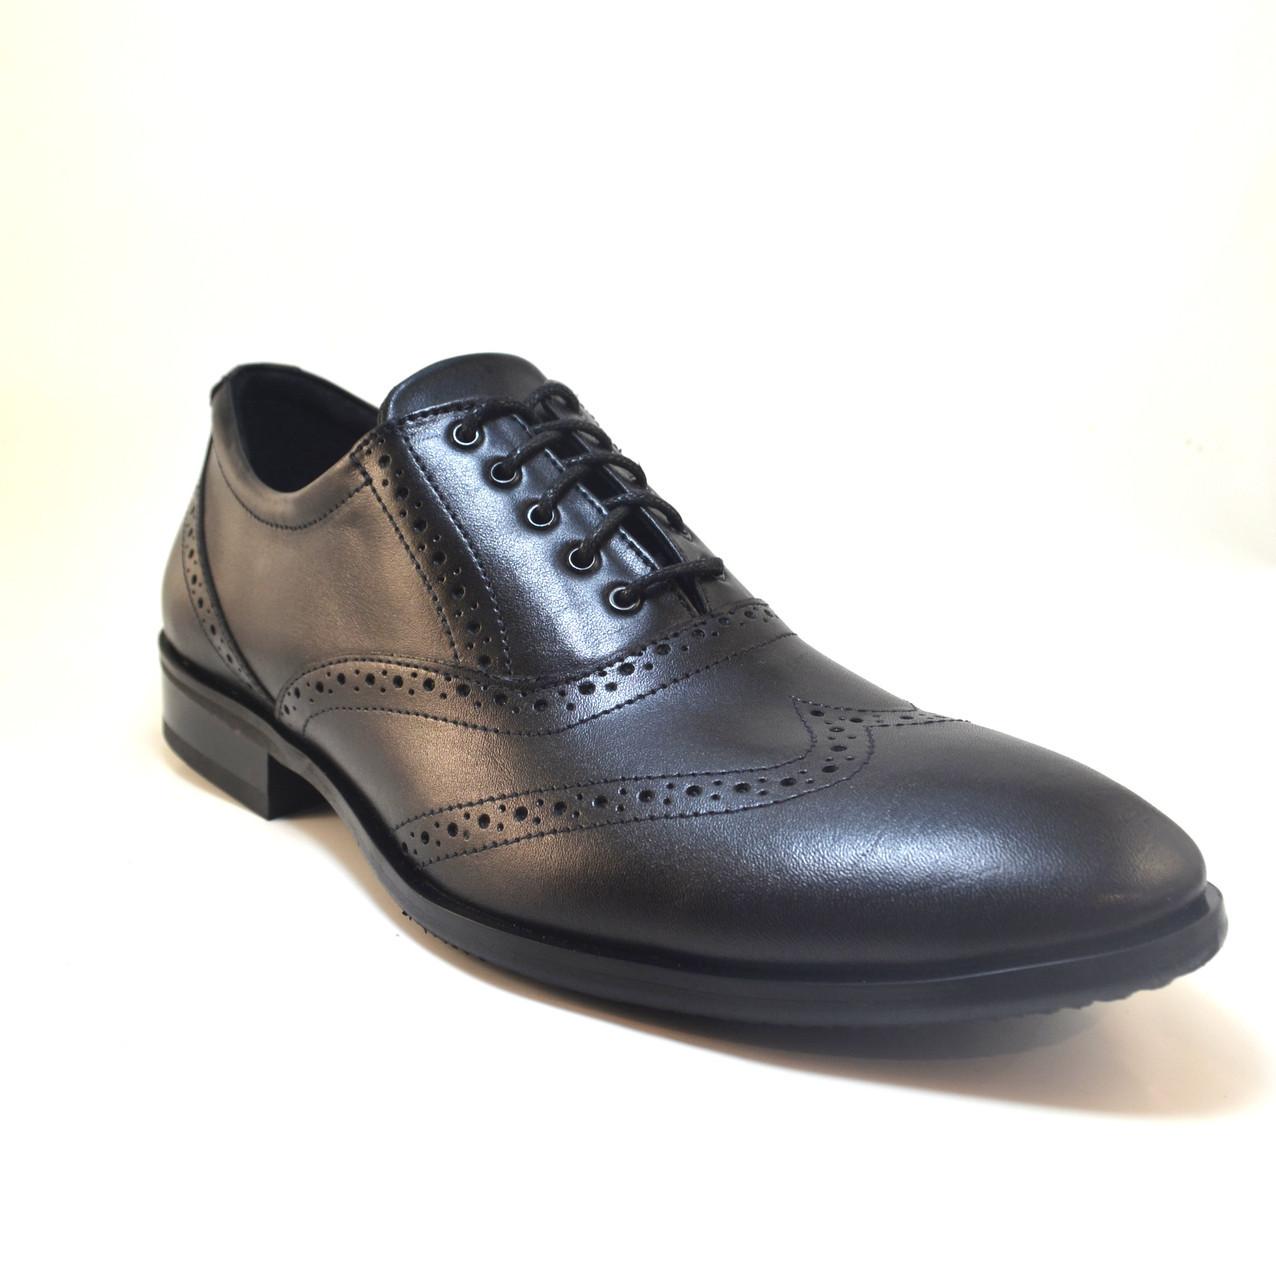 Обувь больших размеров мужская туфли кожаные оксфорды броги черные Rosso Avangard BS FeliceteZo Black Pelle